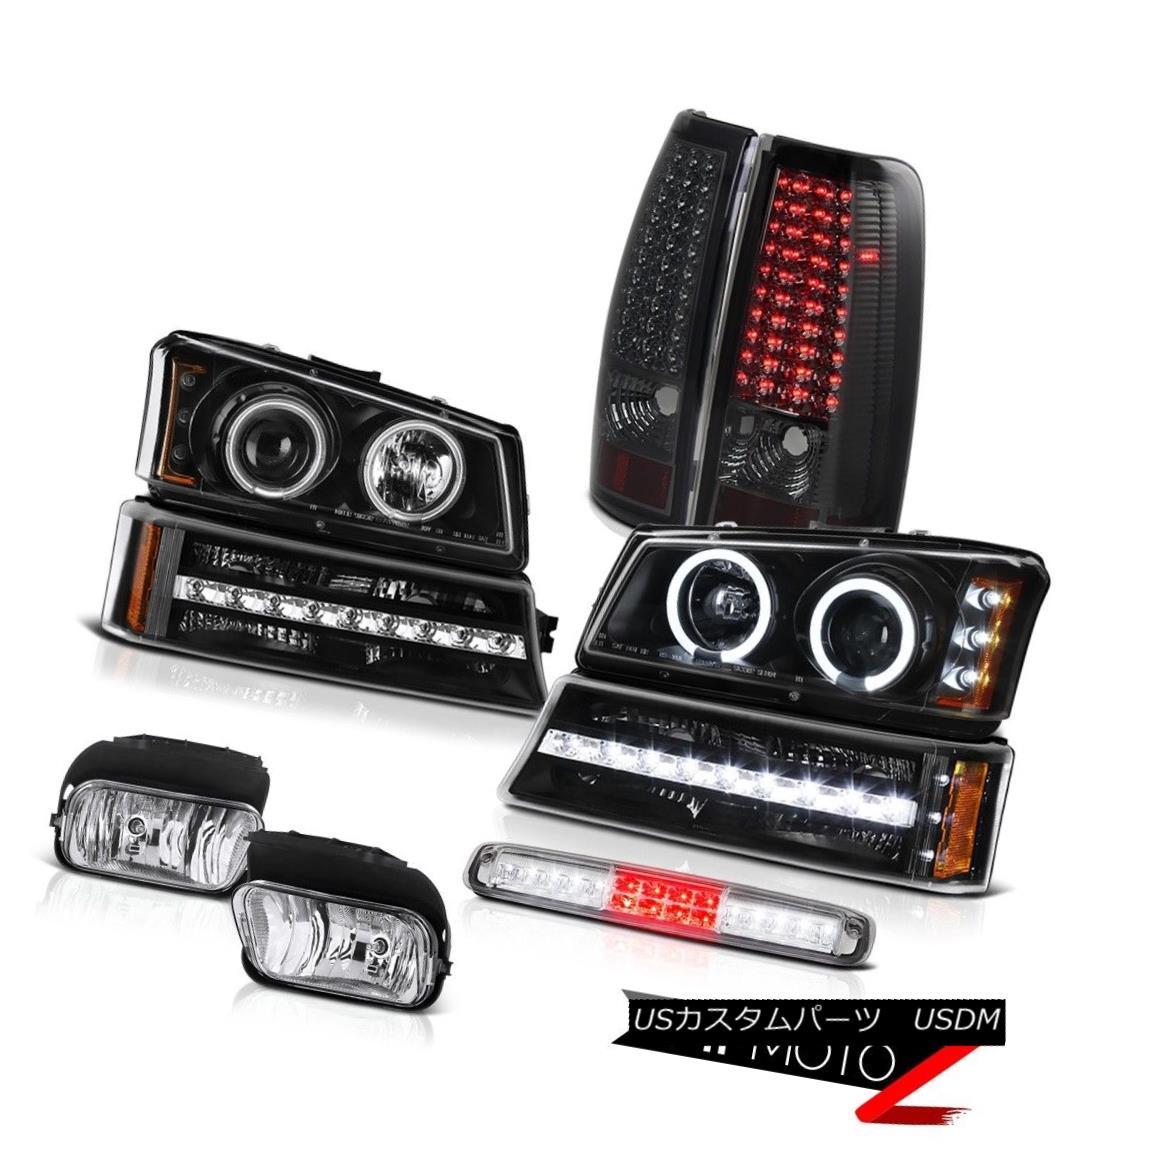 テールライト 03-06 Silverado Fog Lights Roof Brake Lamp Black Turn Signal Headlights Tail 03-06 Silveradoフォグライトルーフブレーキランプブラックターンシグナルヘッドライトテール